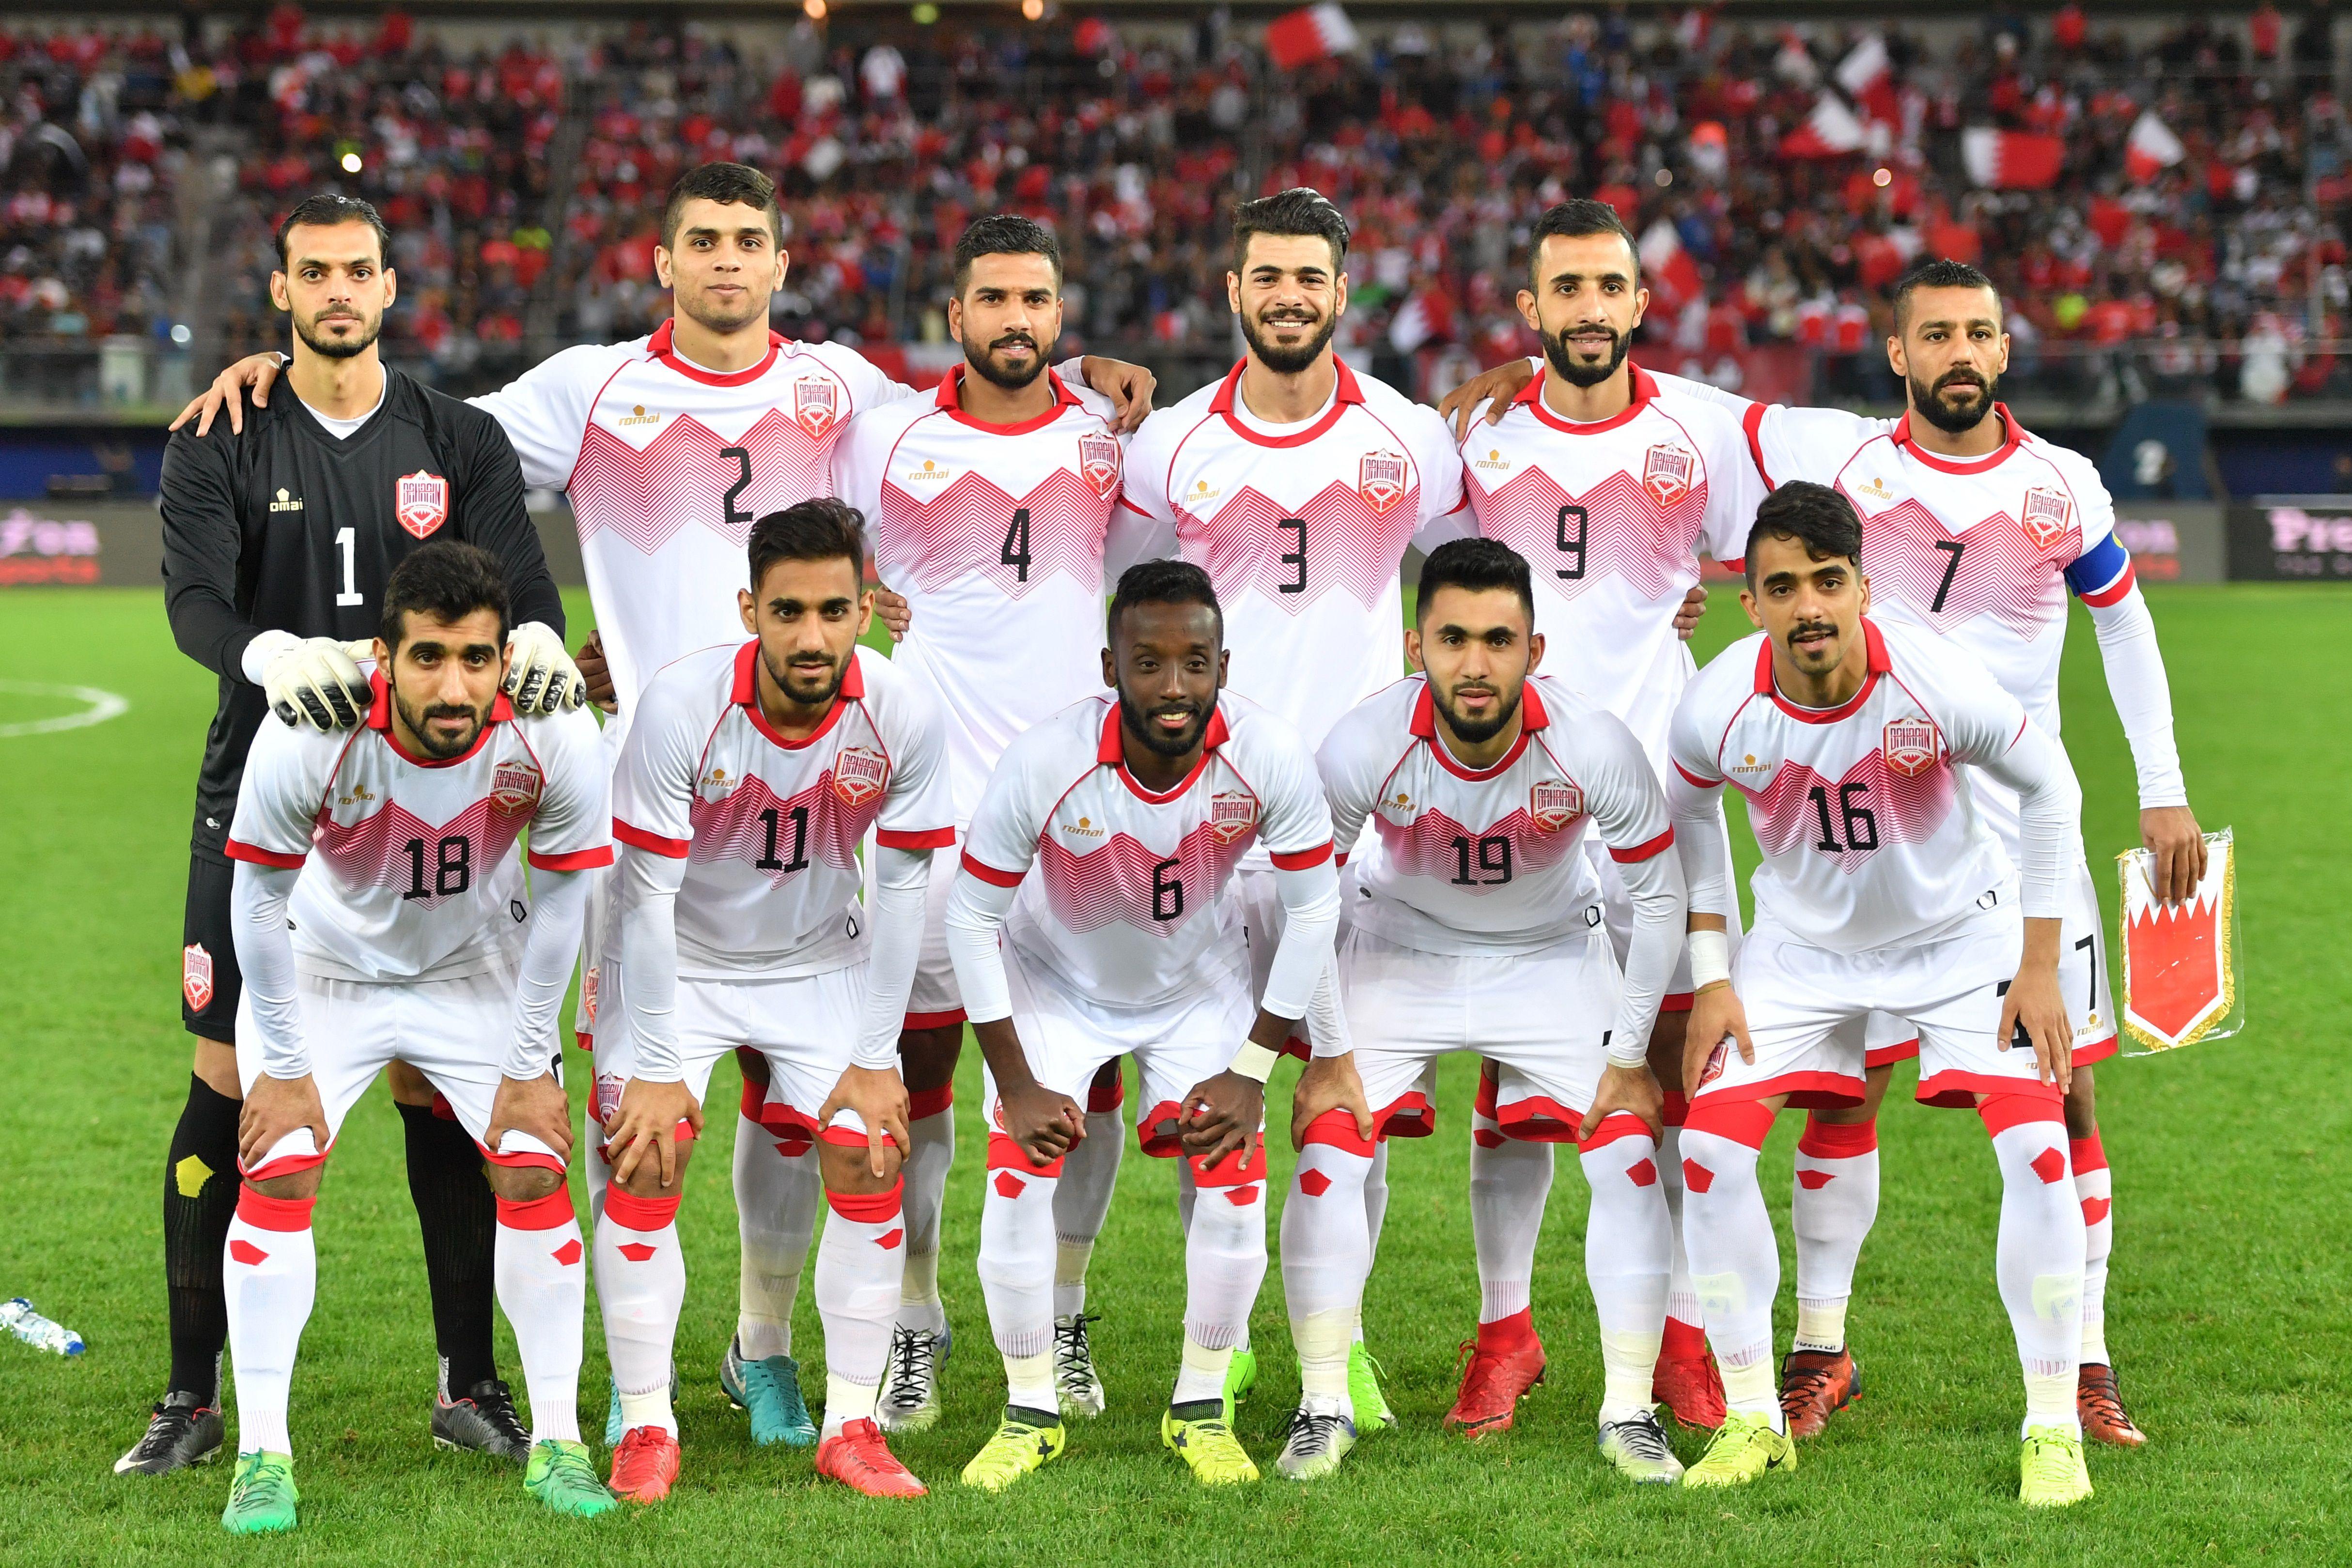 Bahrain Gulf Cup 2017-18